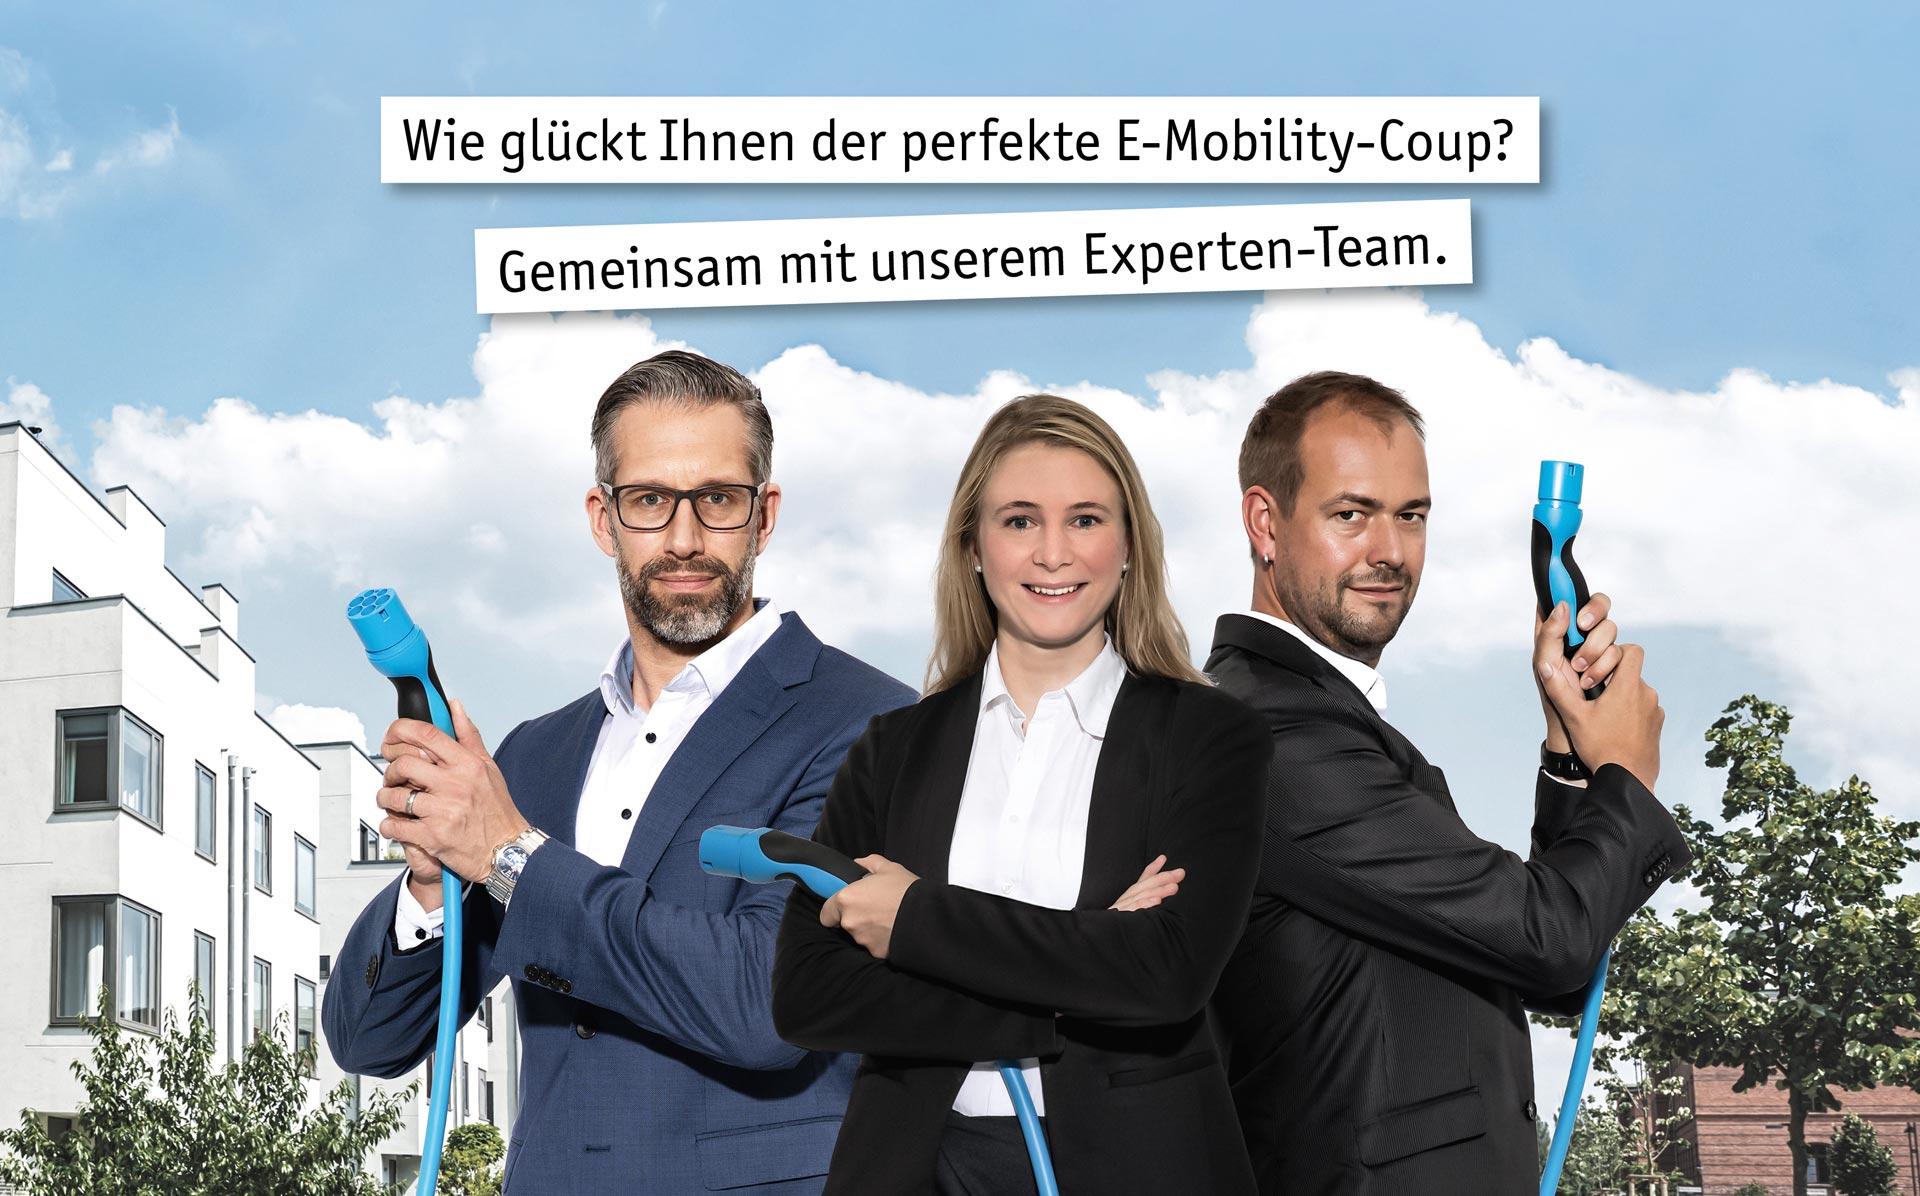 Wie glückt Ihnen der perfekte E-Mobility-Coup? Gemeinsam mit unserem Experten-Team.